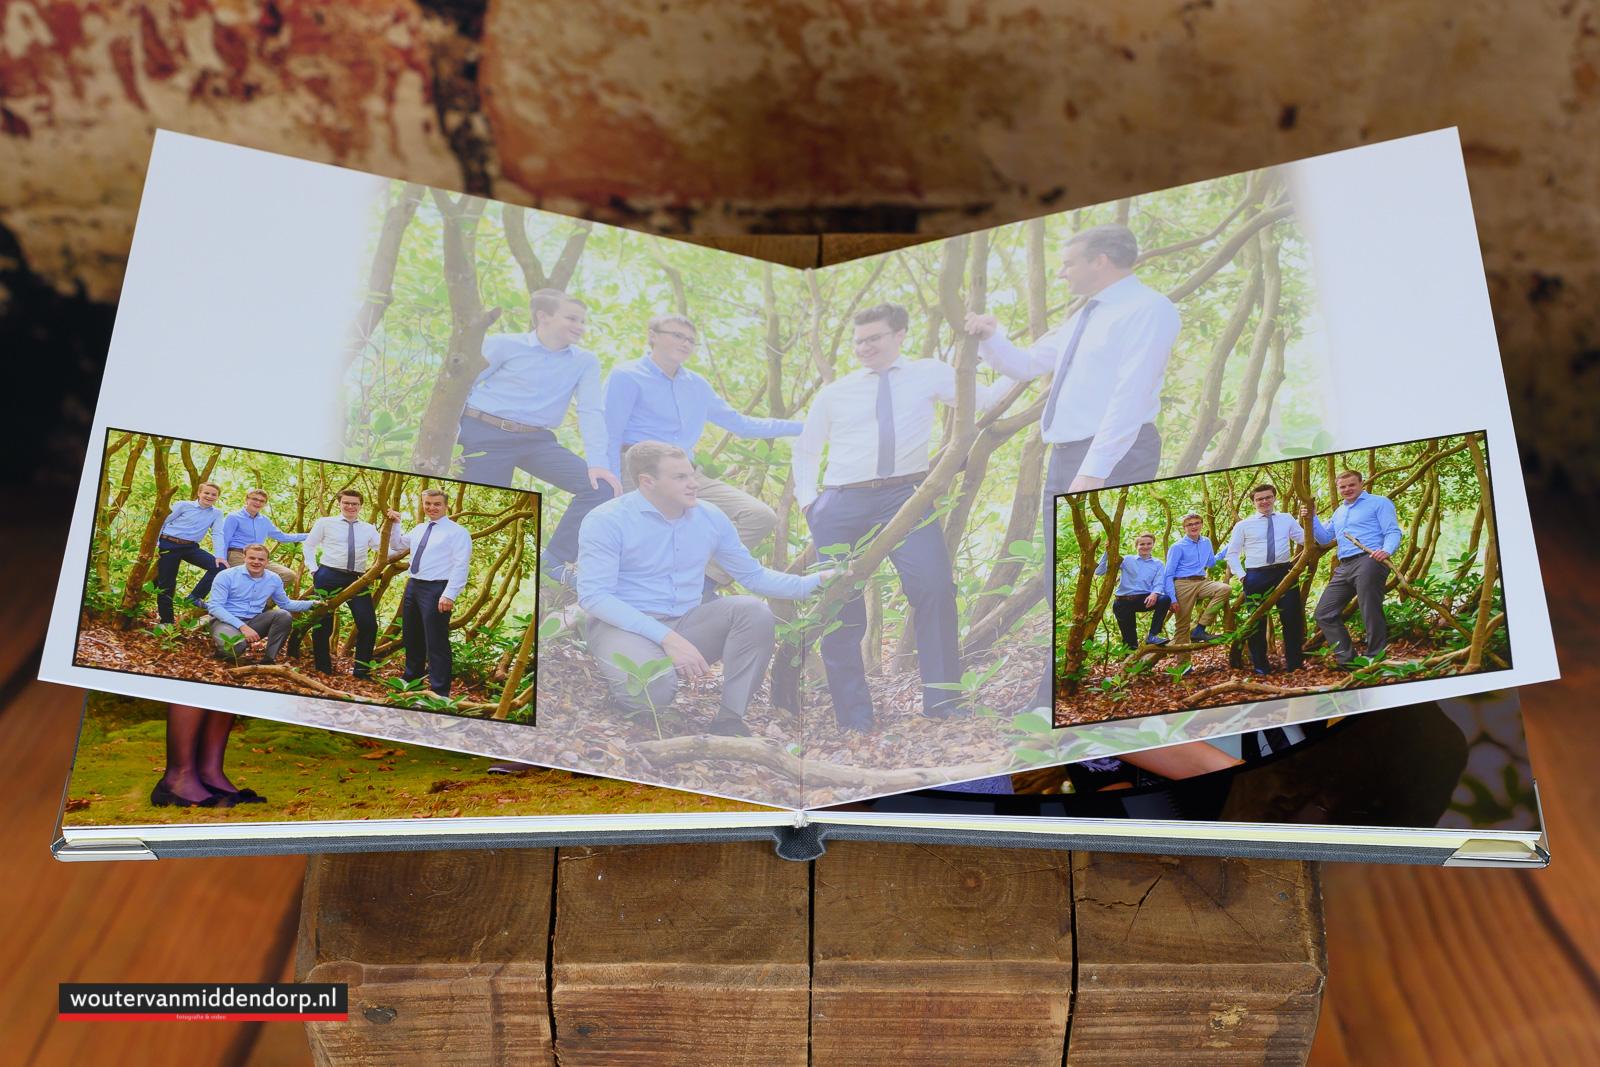 familiealbum fotoboek Wouter van middendorp (3)